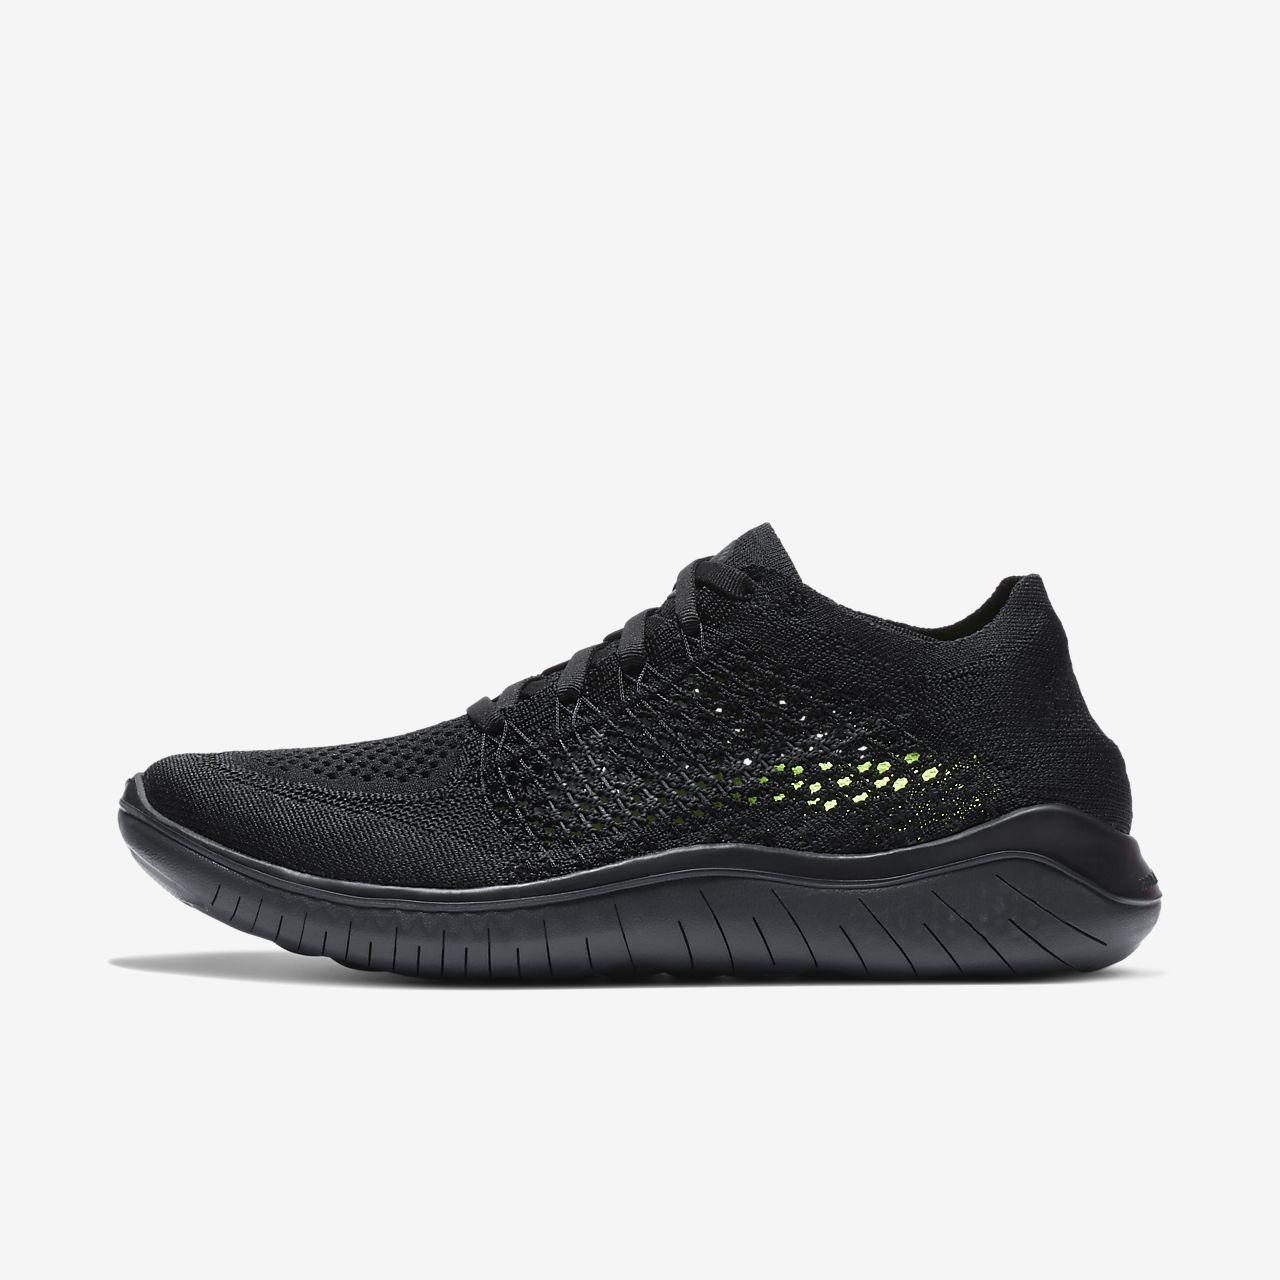 Nike Free RN Flyknit 2018 Damen Laufschuhe Größe 40 In Deutschland Günstigem Preis aslMRE4